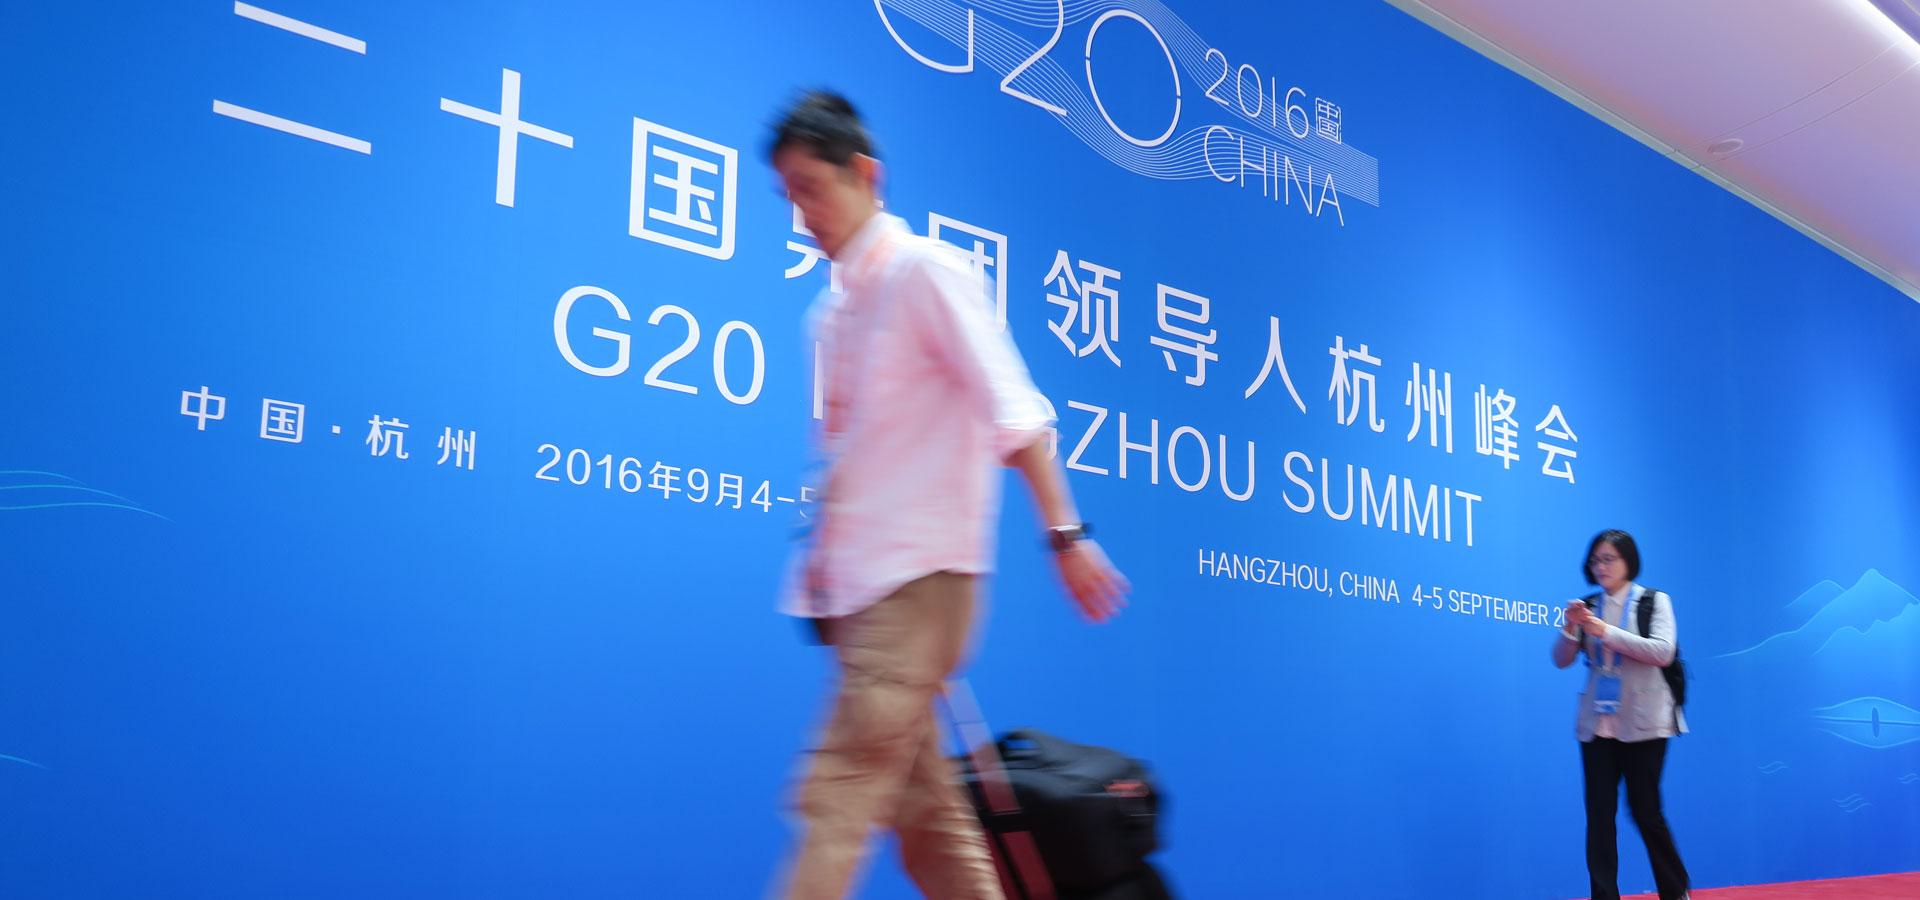 G20峰會新聞中心:那些匆匆的身影